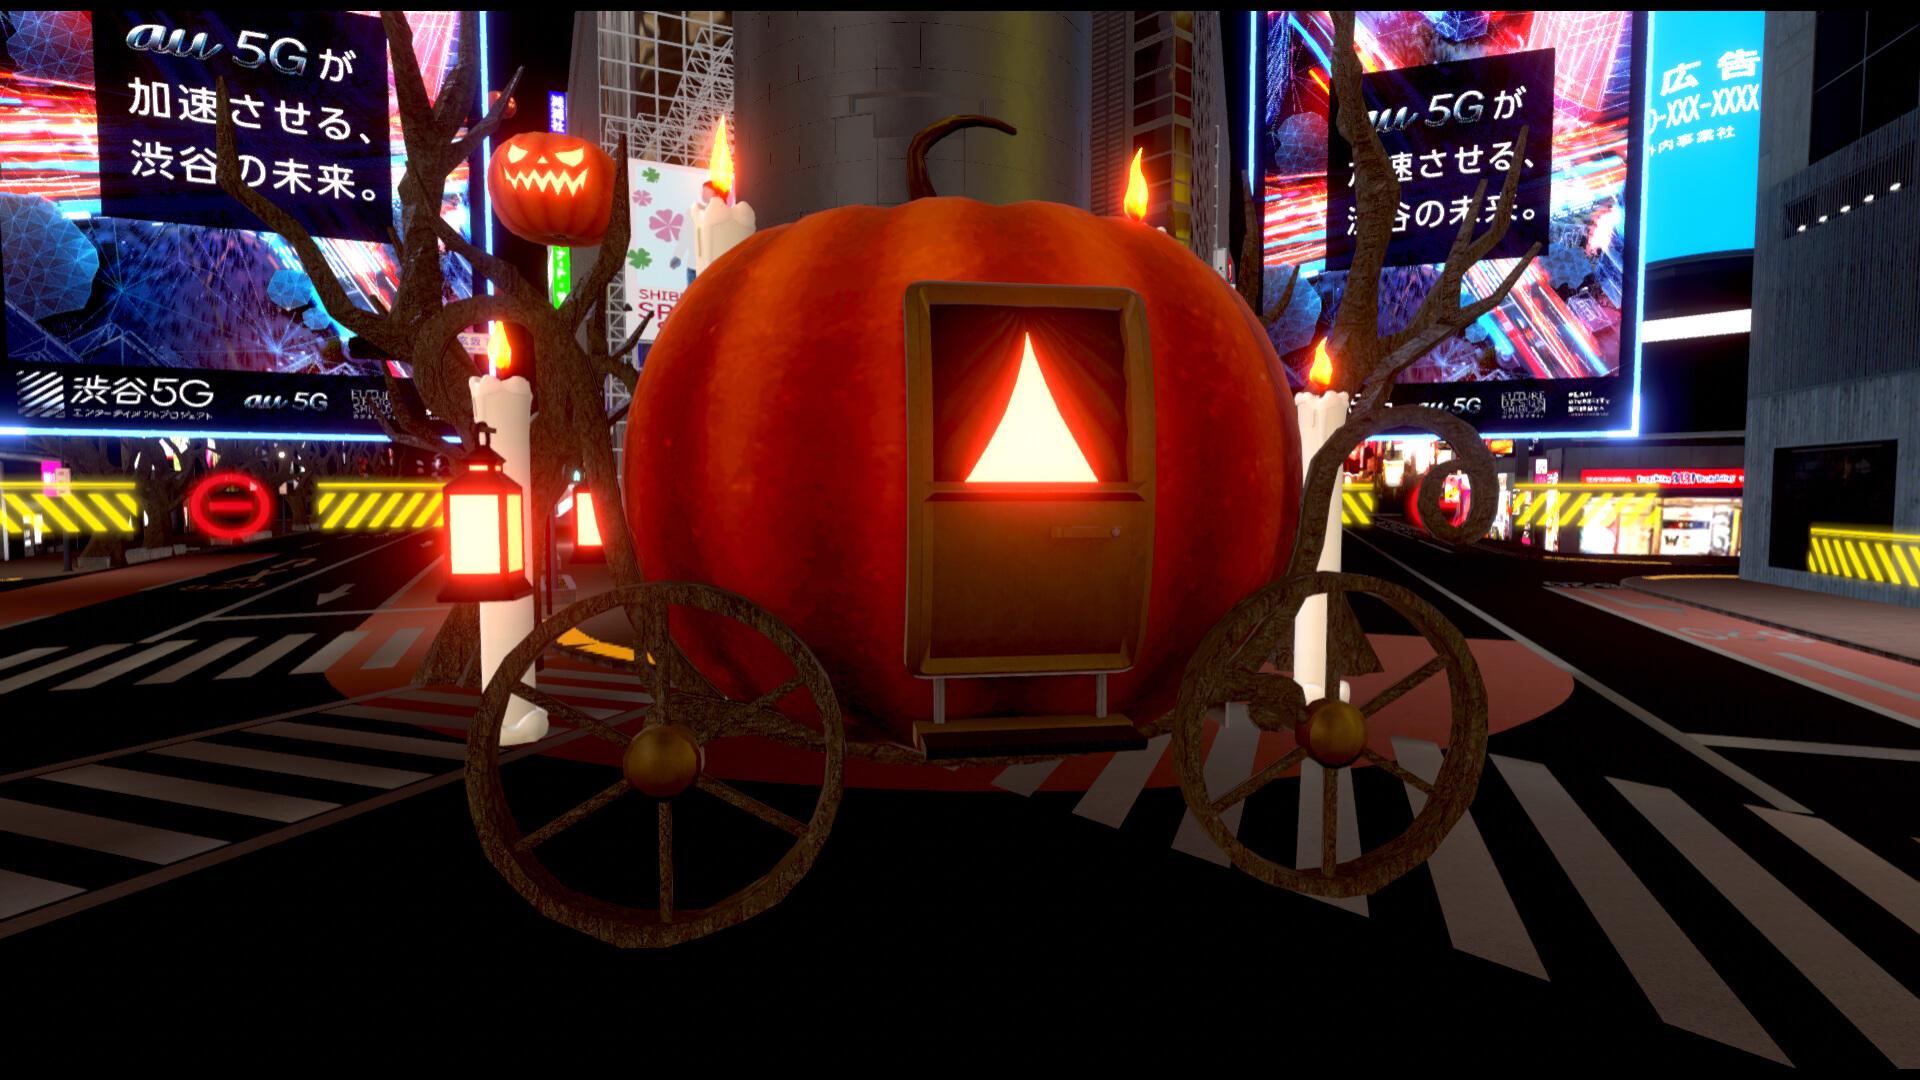 <バーチャル渋谷 au 5G ハロウィーンフェス>がついに本日開幕!最終日はEllen Allien、SURGEONら参加のDOMMUNEコラボイベントも実施 music201026_shibuya_halloween_17